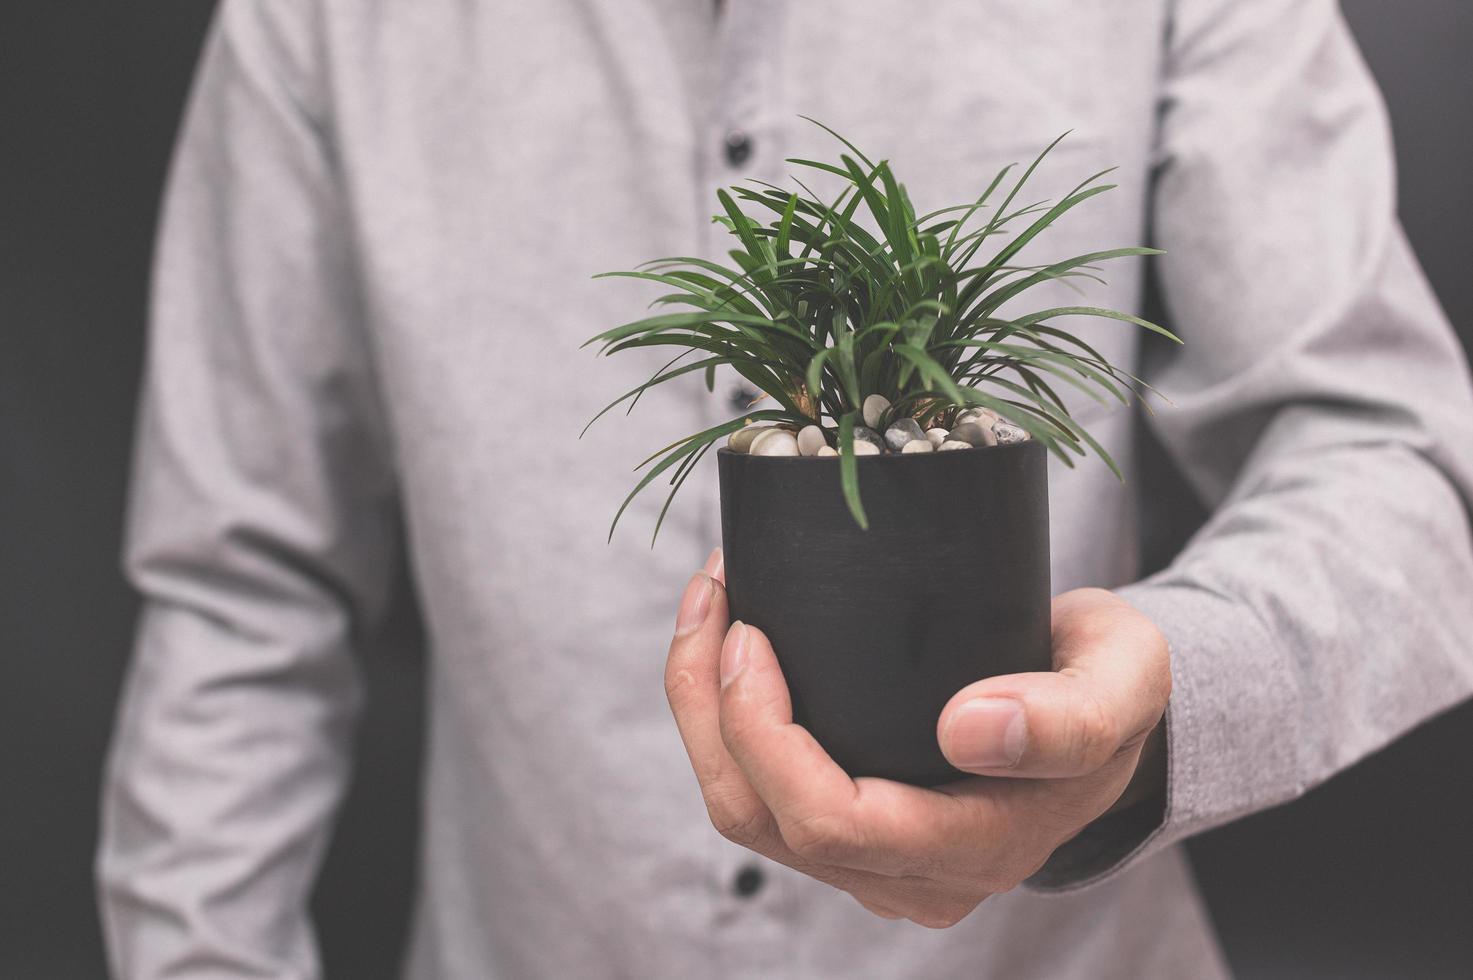 växtkruka i mänskliga händer älskar naturkoncept kärleksträd foto